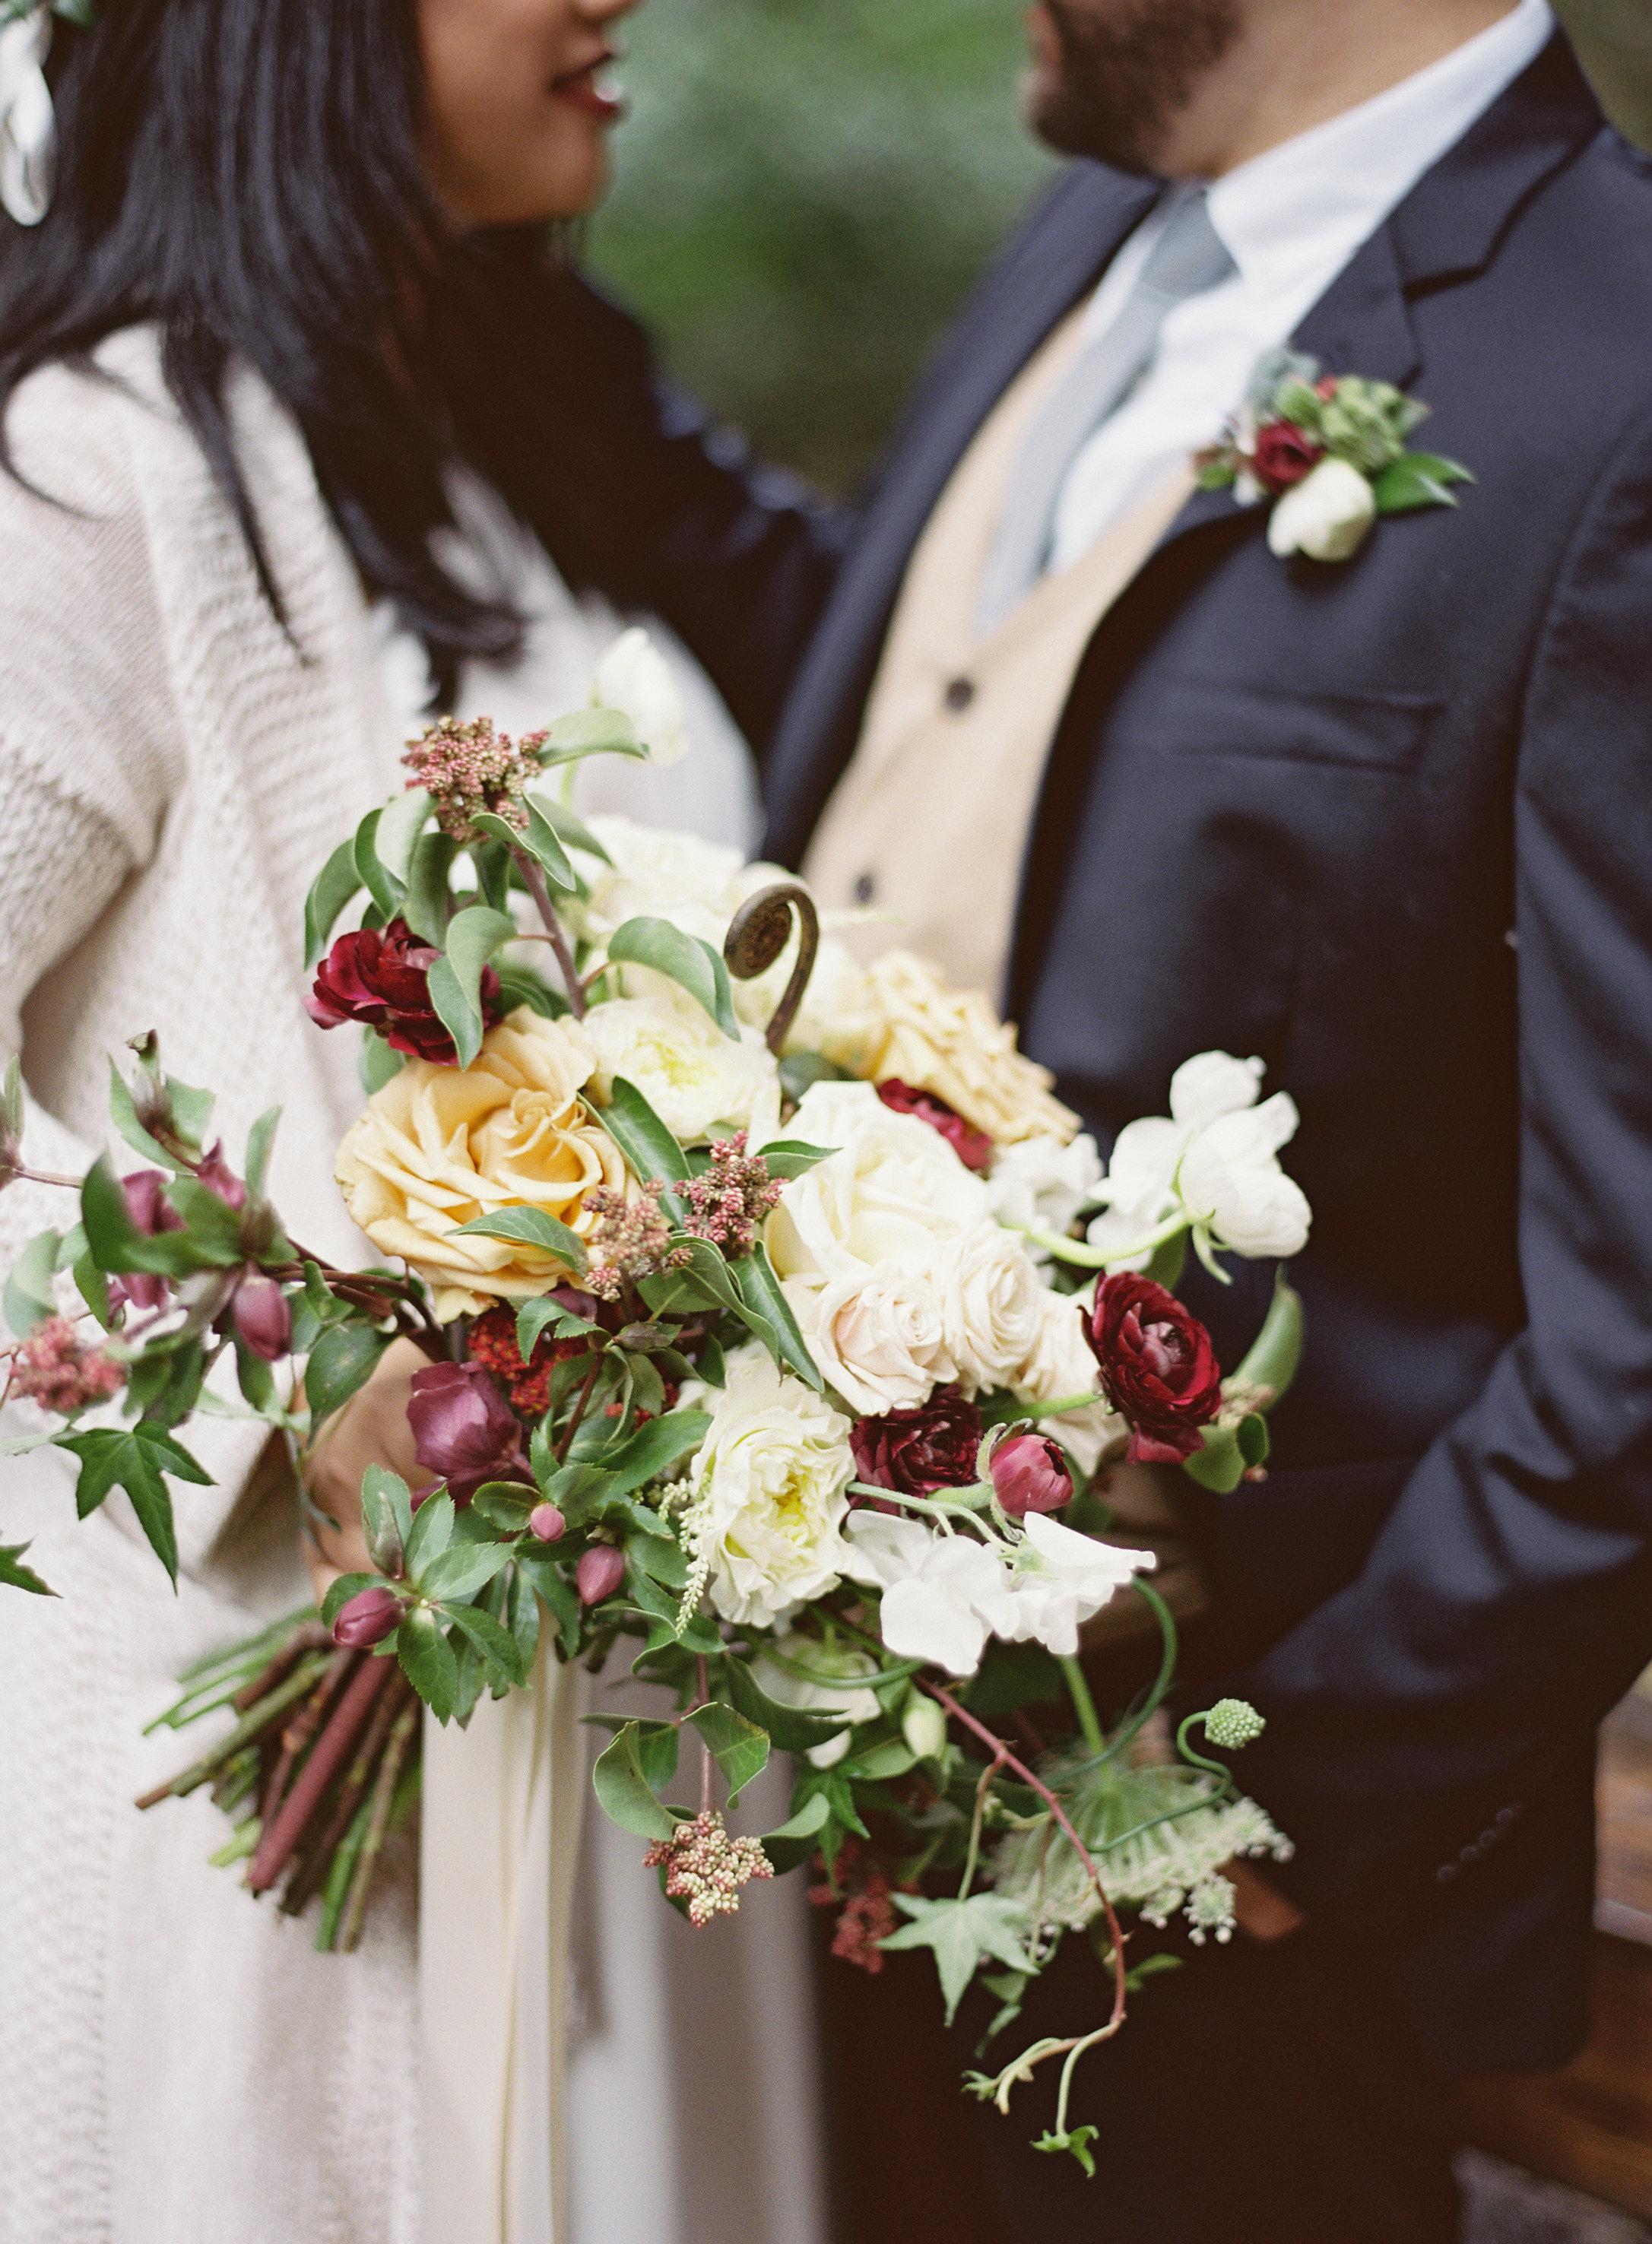 CA_Wedding_Muir_Woods_005.jpg